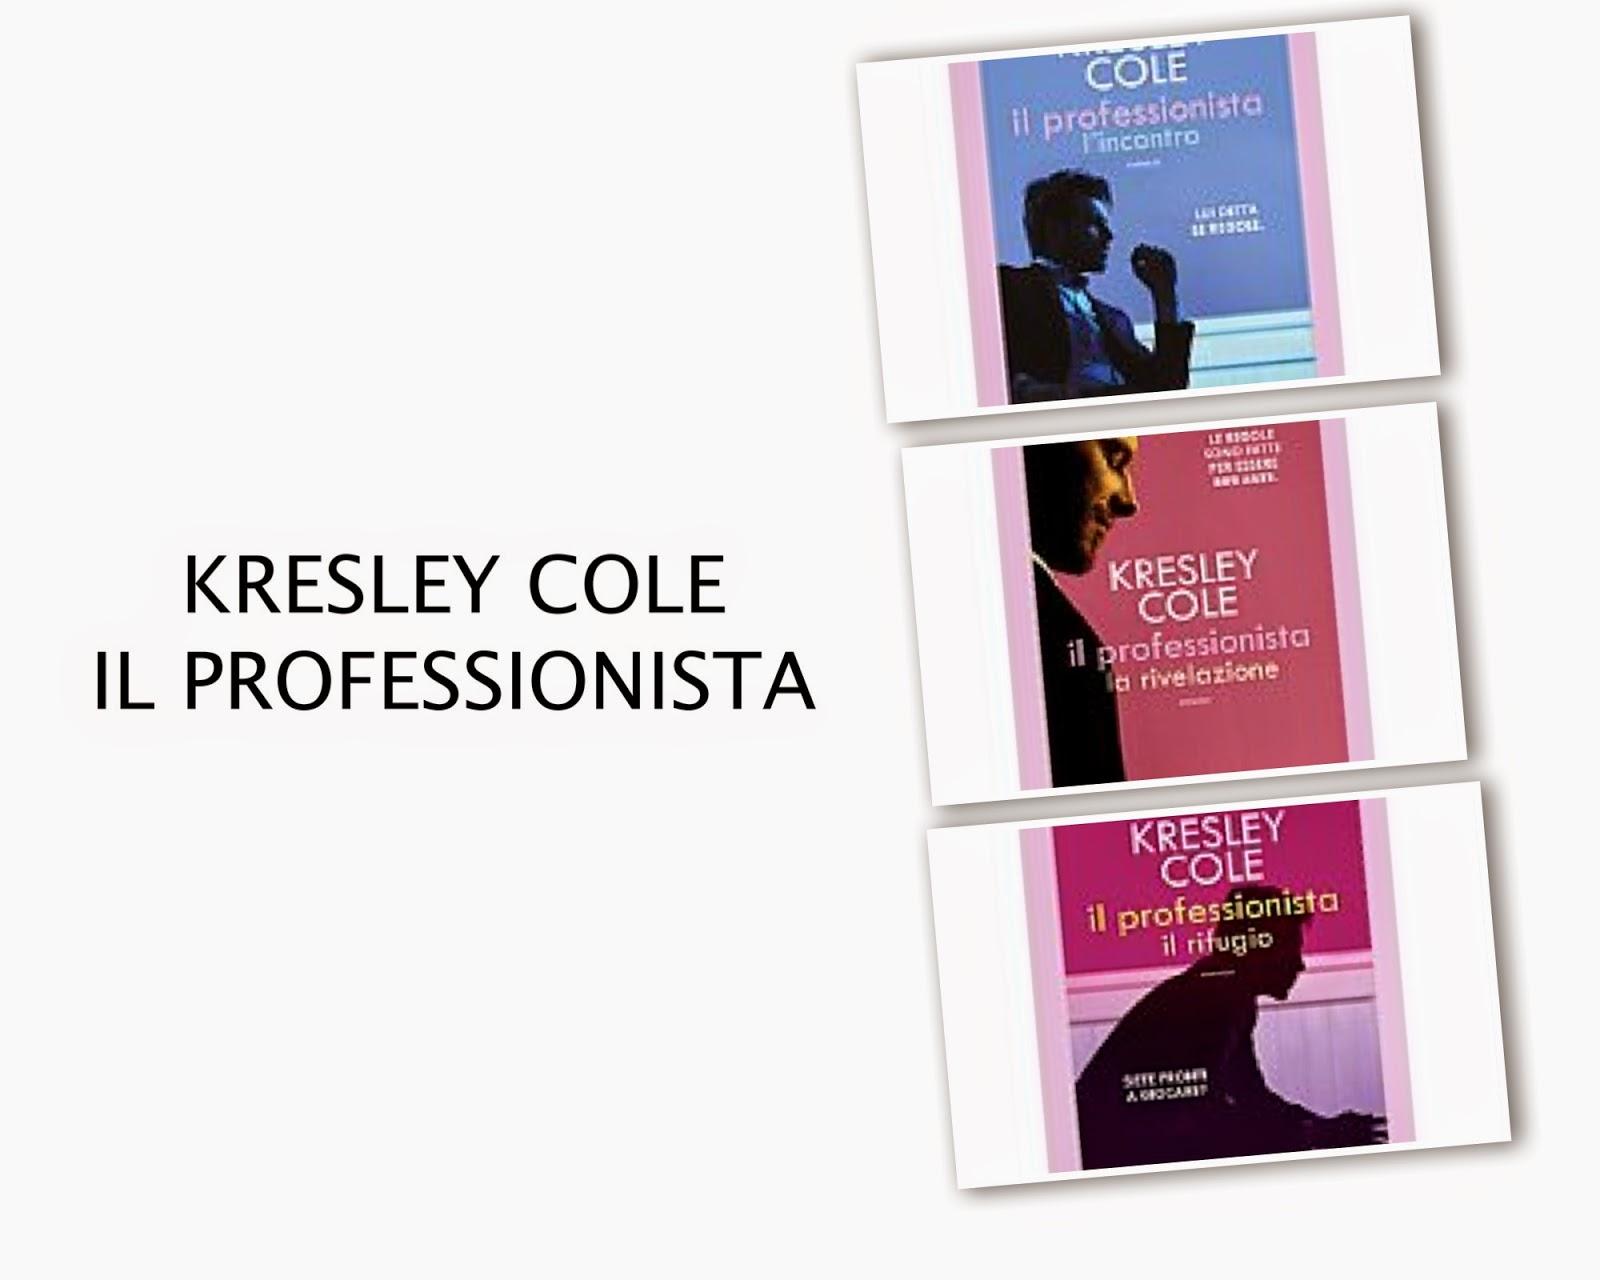 Il Professionista, di Kresley Cole